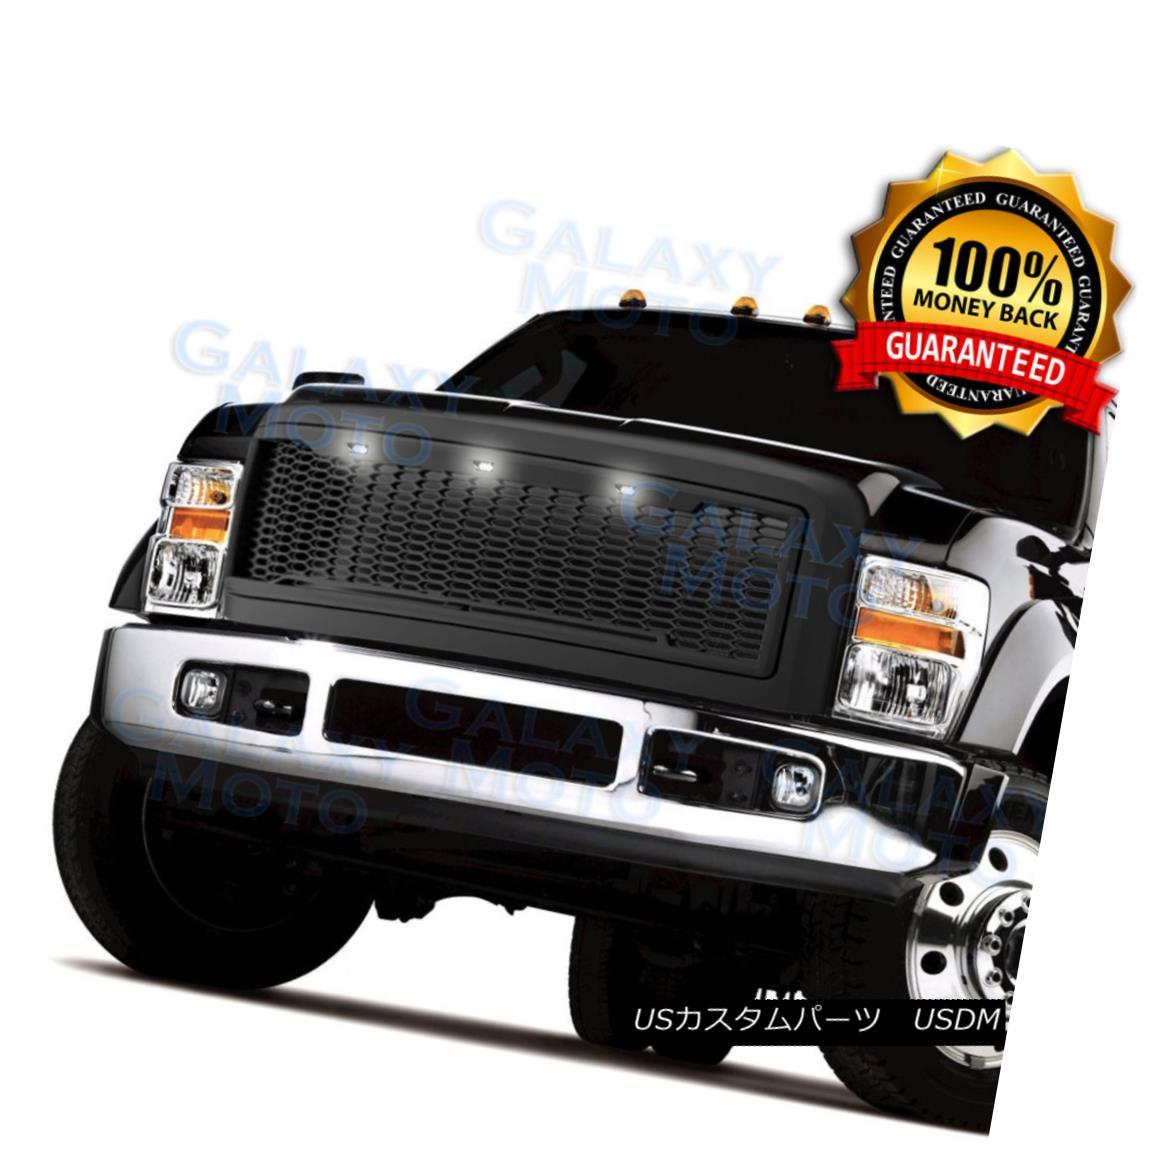 グリル 08-10 Ford Super Duty Raptor Matte Black Front Hood Mesh Grille+Shell+White LED 08-10フォードスーパーデューティラプターマットブラックフロントフードメッシュグリル+シェル+ W hite LED